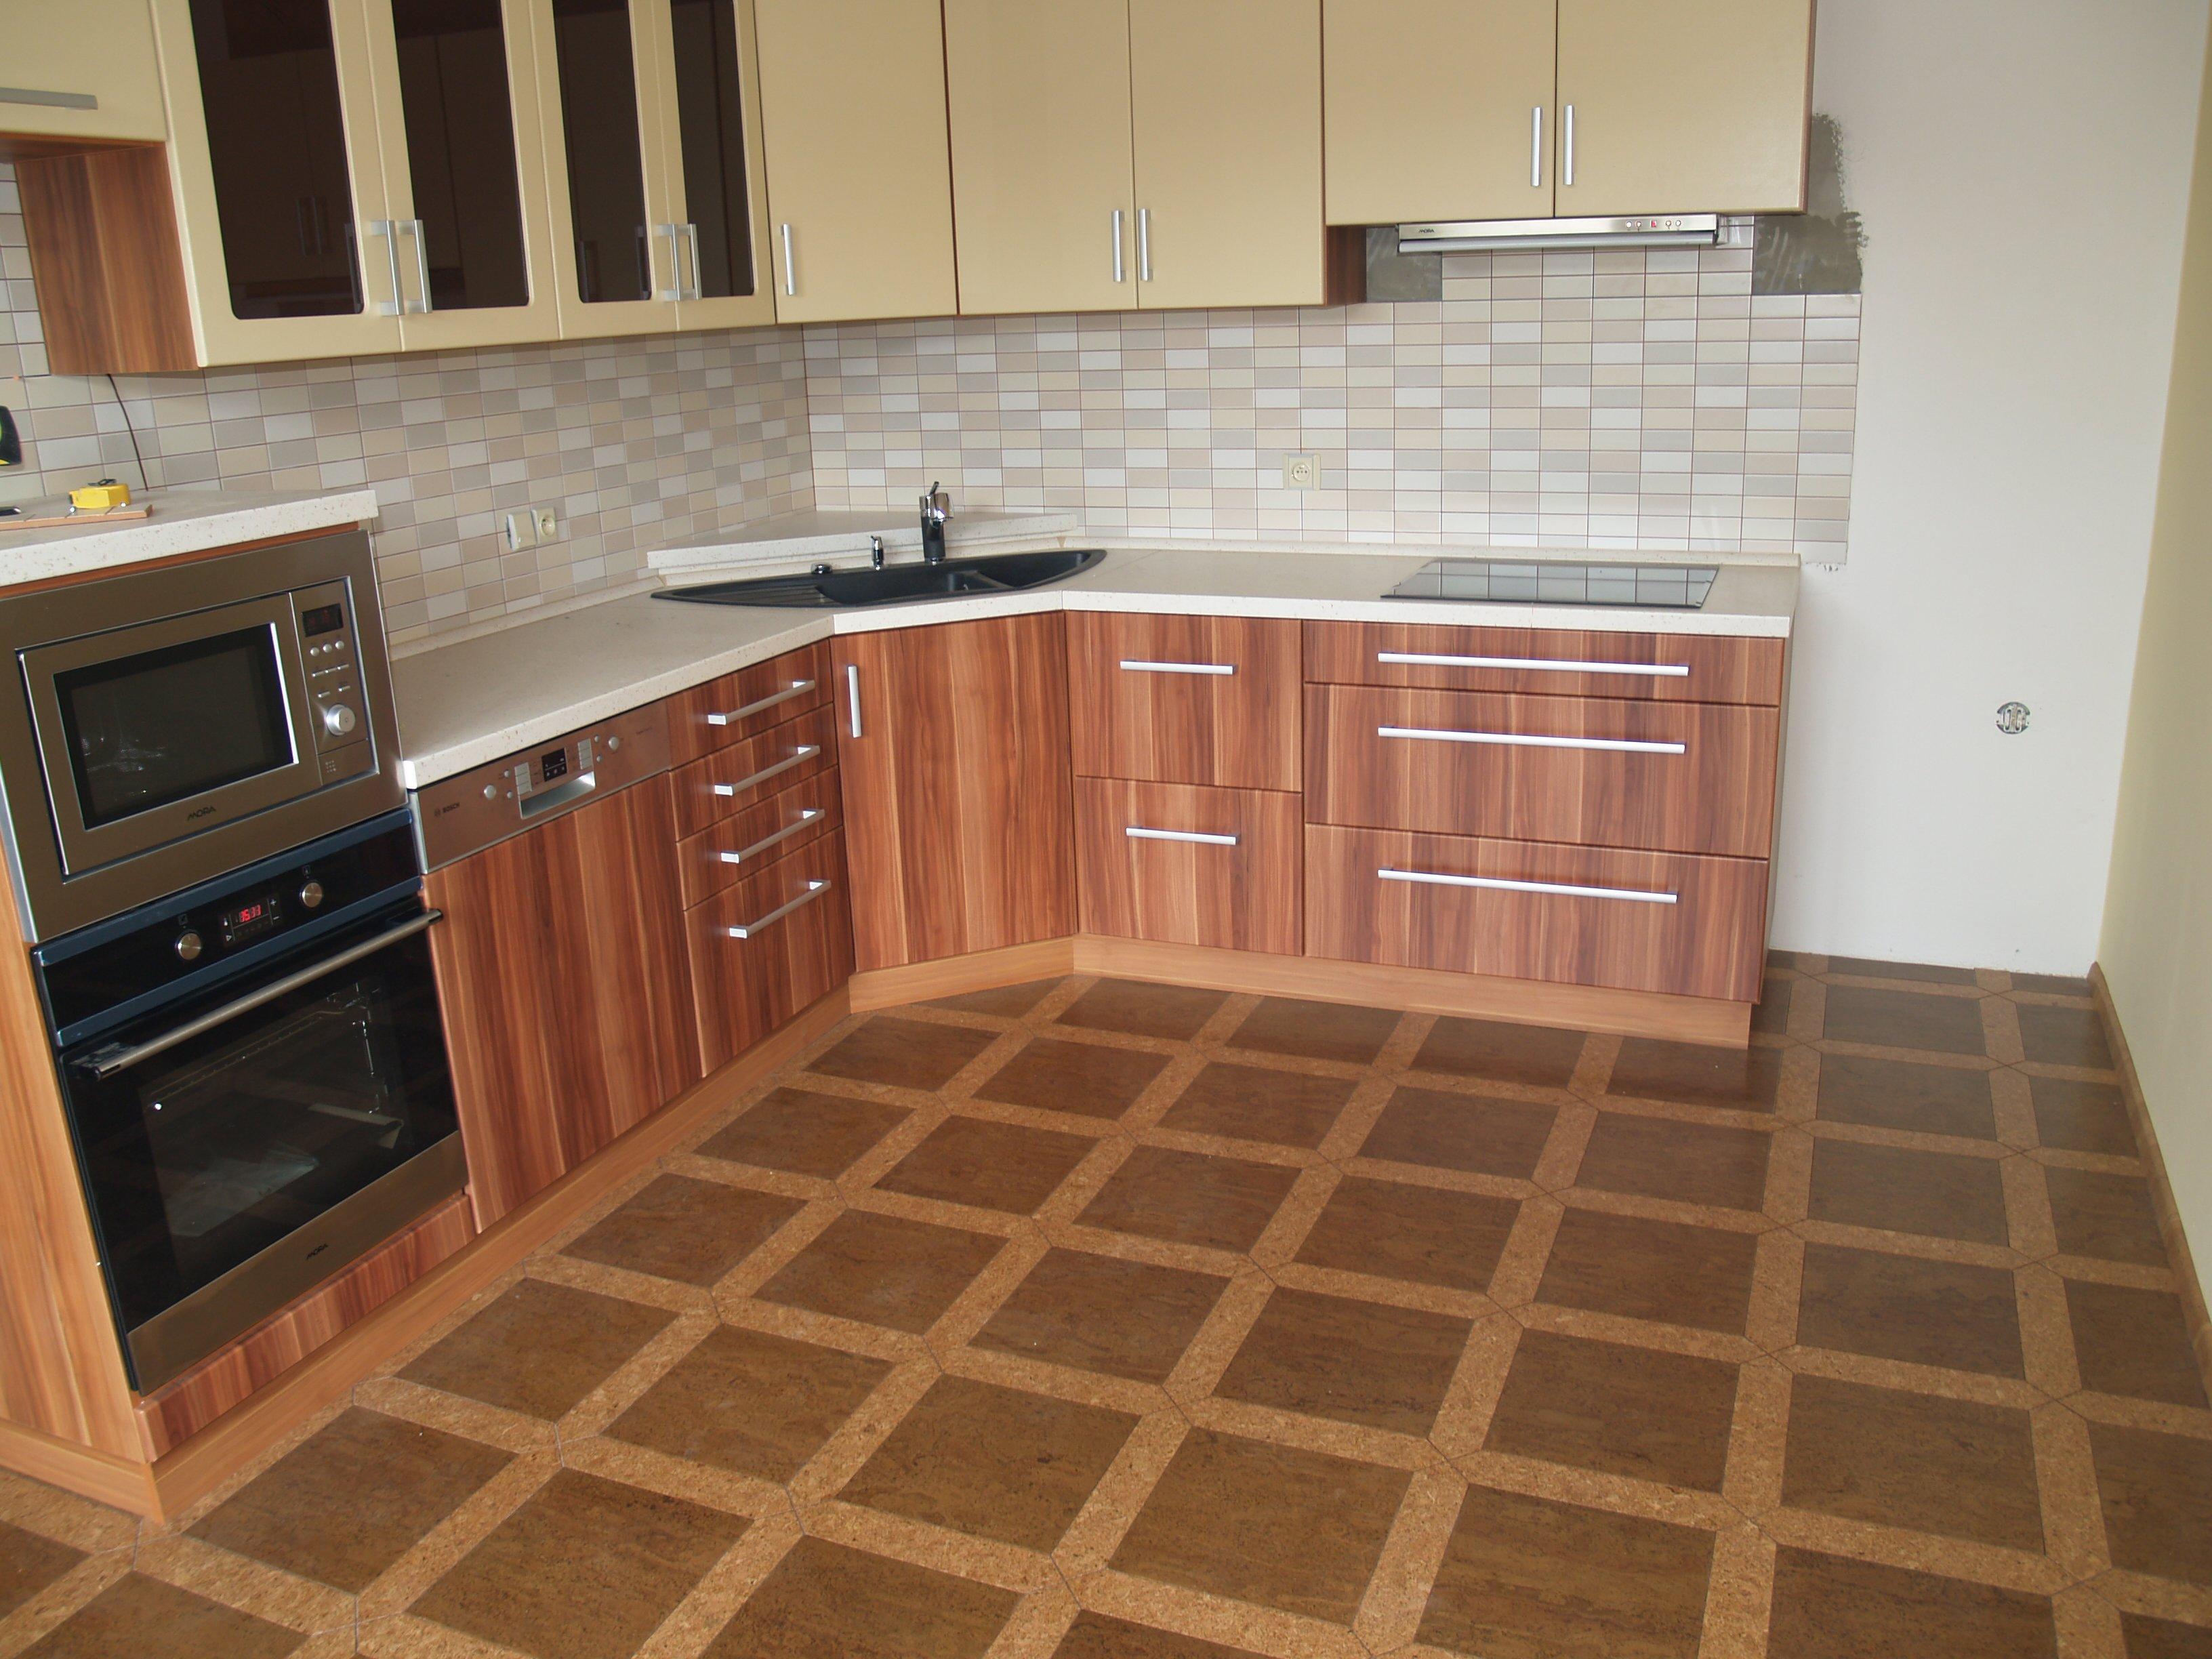 Pokládka prodej plovoucí laminátové dřevěné korkové podlahy koberce kusové celoplošné Liberec.